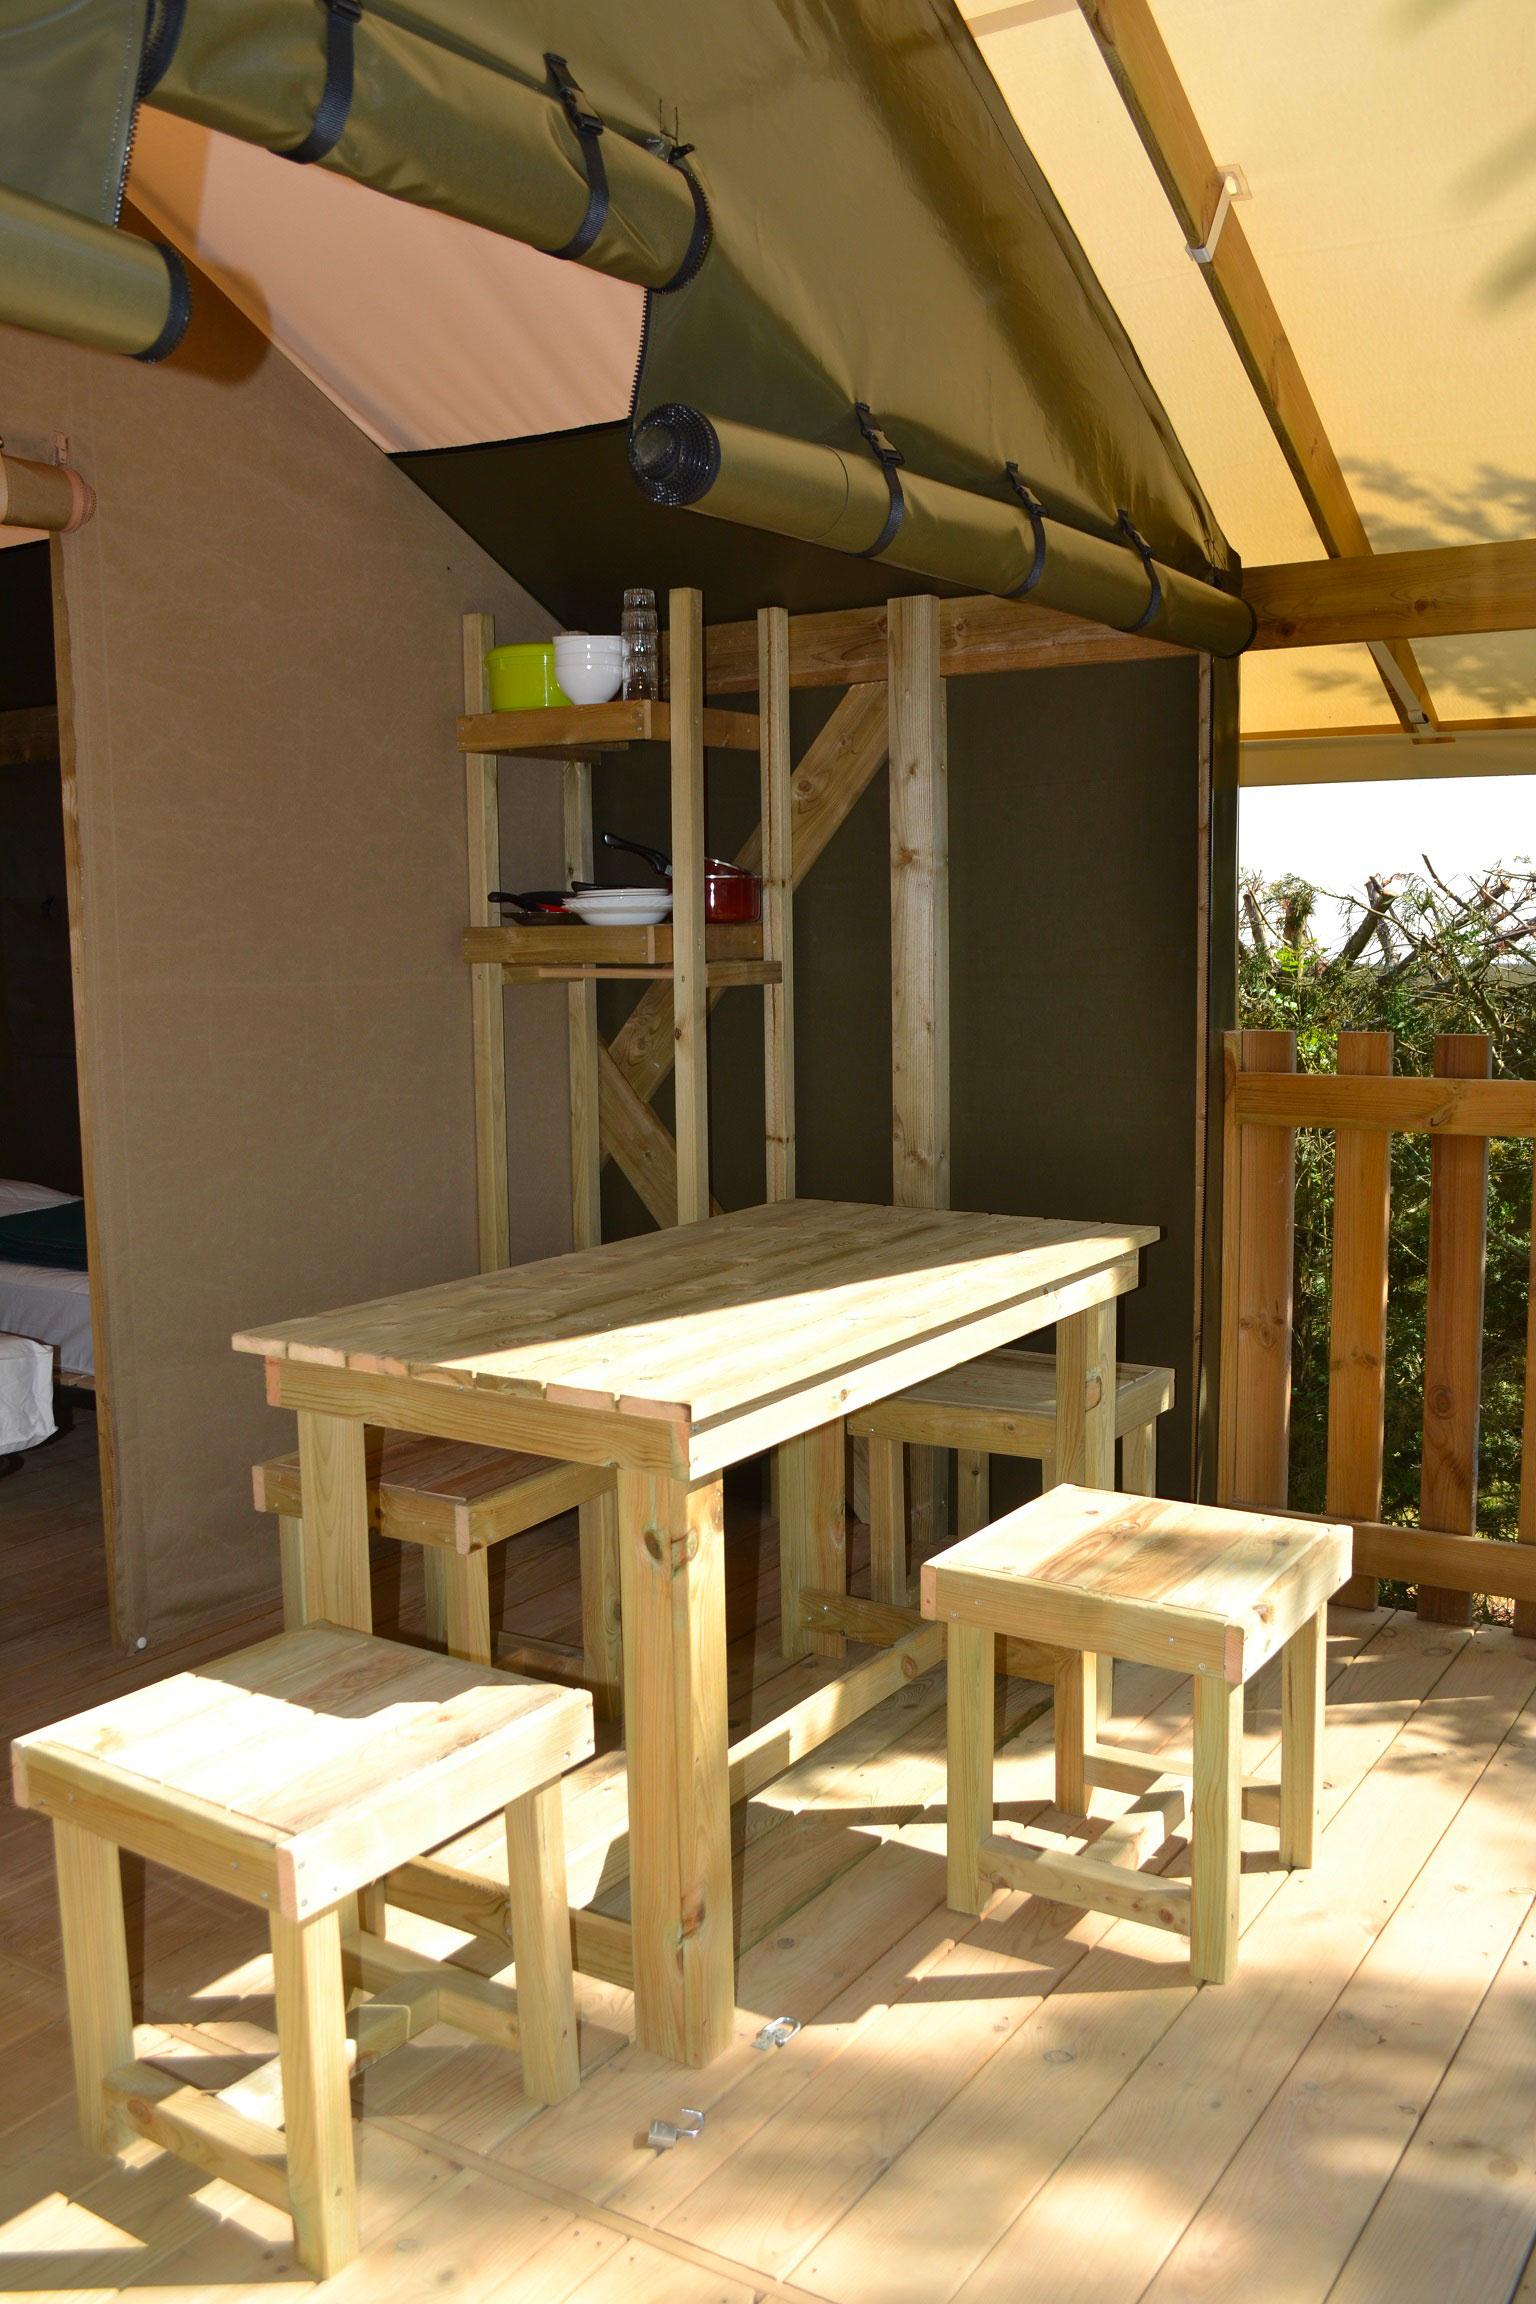 galerie-photos-location-tente-lodge-4-personnes-camping-le-port-de-moricq